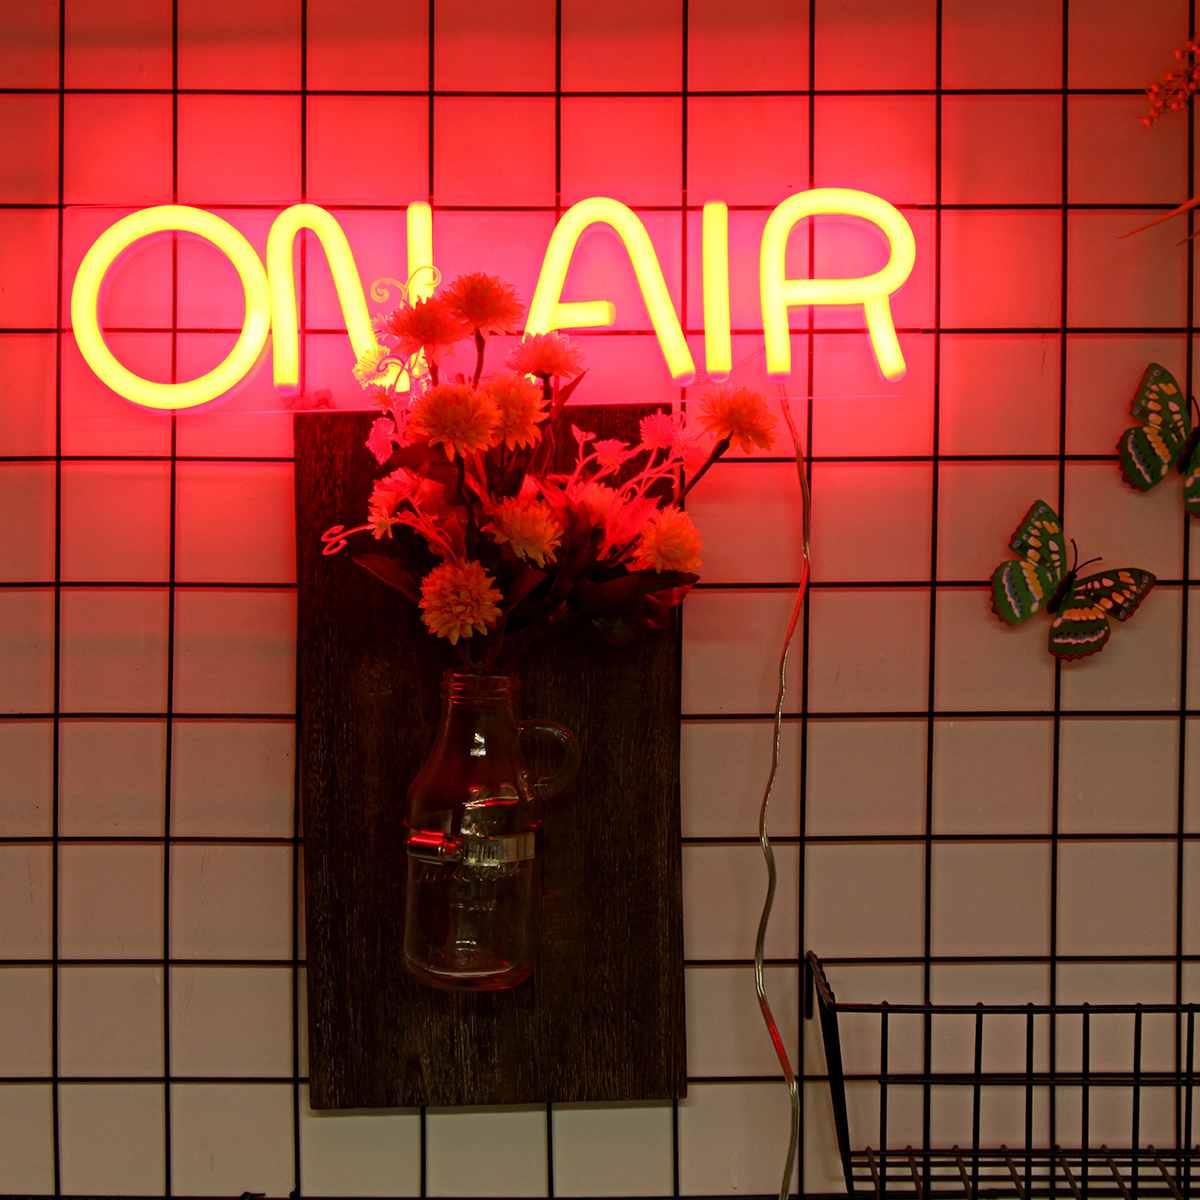 مصباح نيون LED على الهواء ، ديكور حائط ، بار ، حانة ، نادي ، أنبوب مرئي ، ديكور حفلات ، مصباح ديكور منزلي